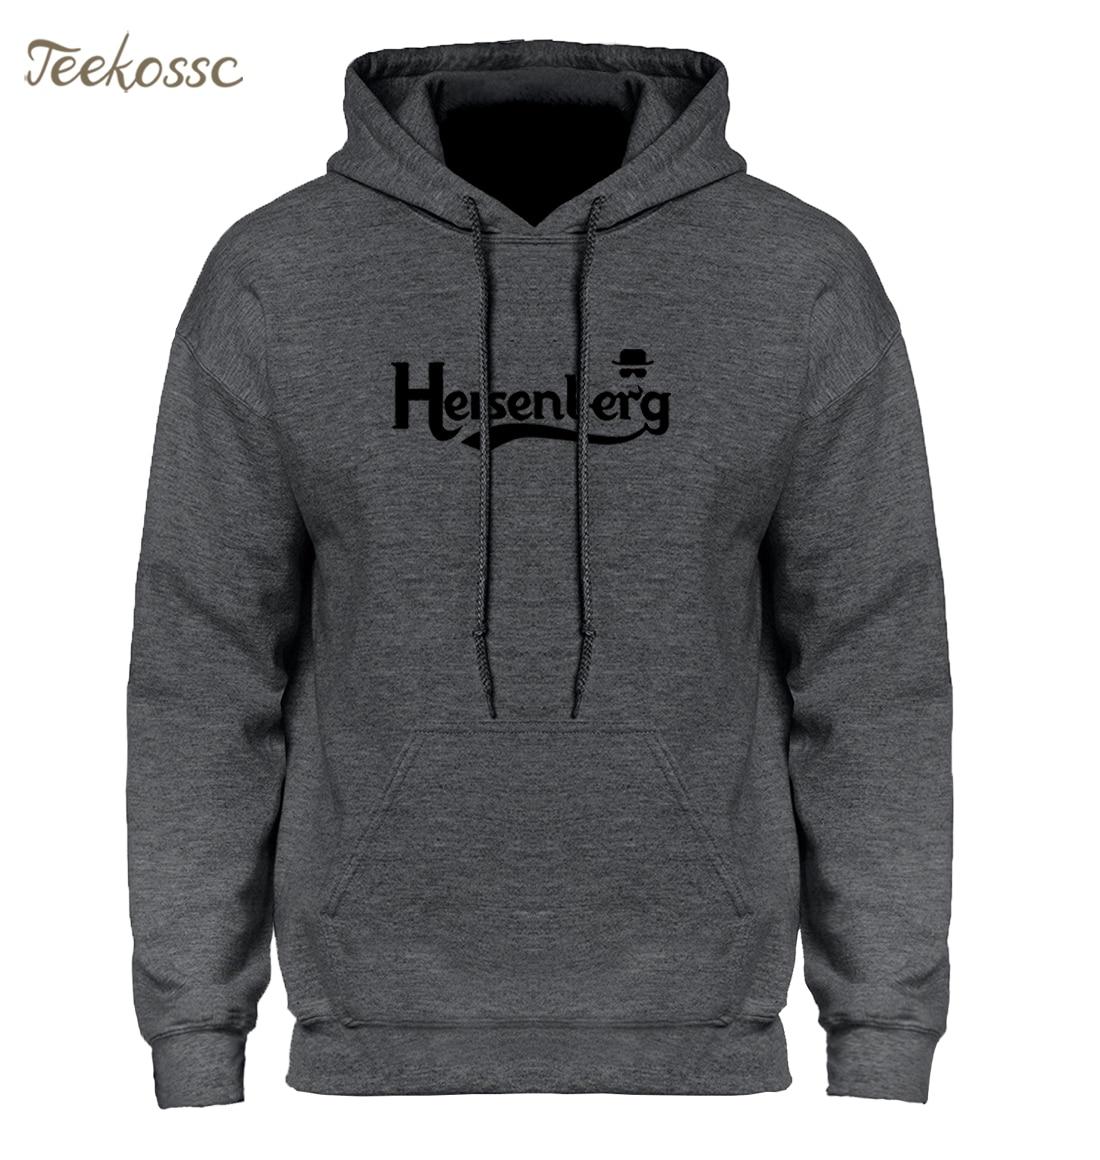 Breaking Bad Heisenberg Hoodie Hoodies Sweatshirt Men Men's 2018 New Winter Autumn Hoody Cotton Print Casual Male Brand Clothing